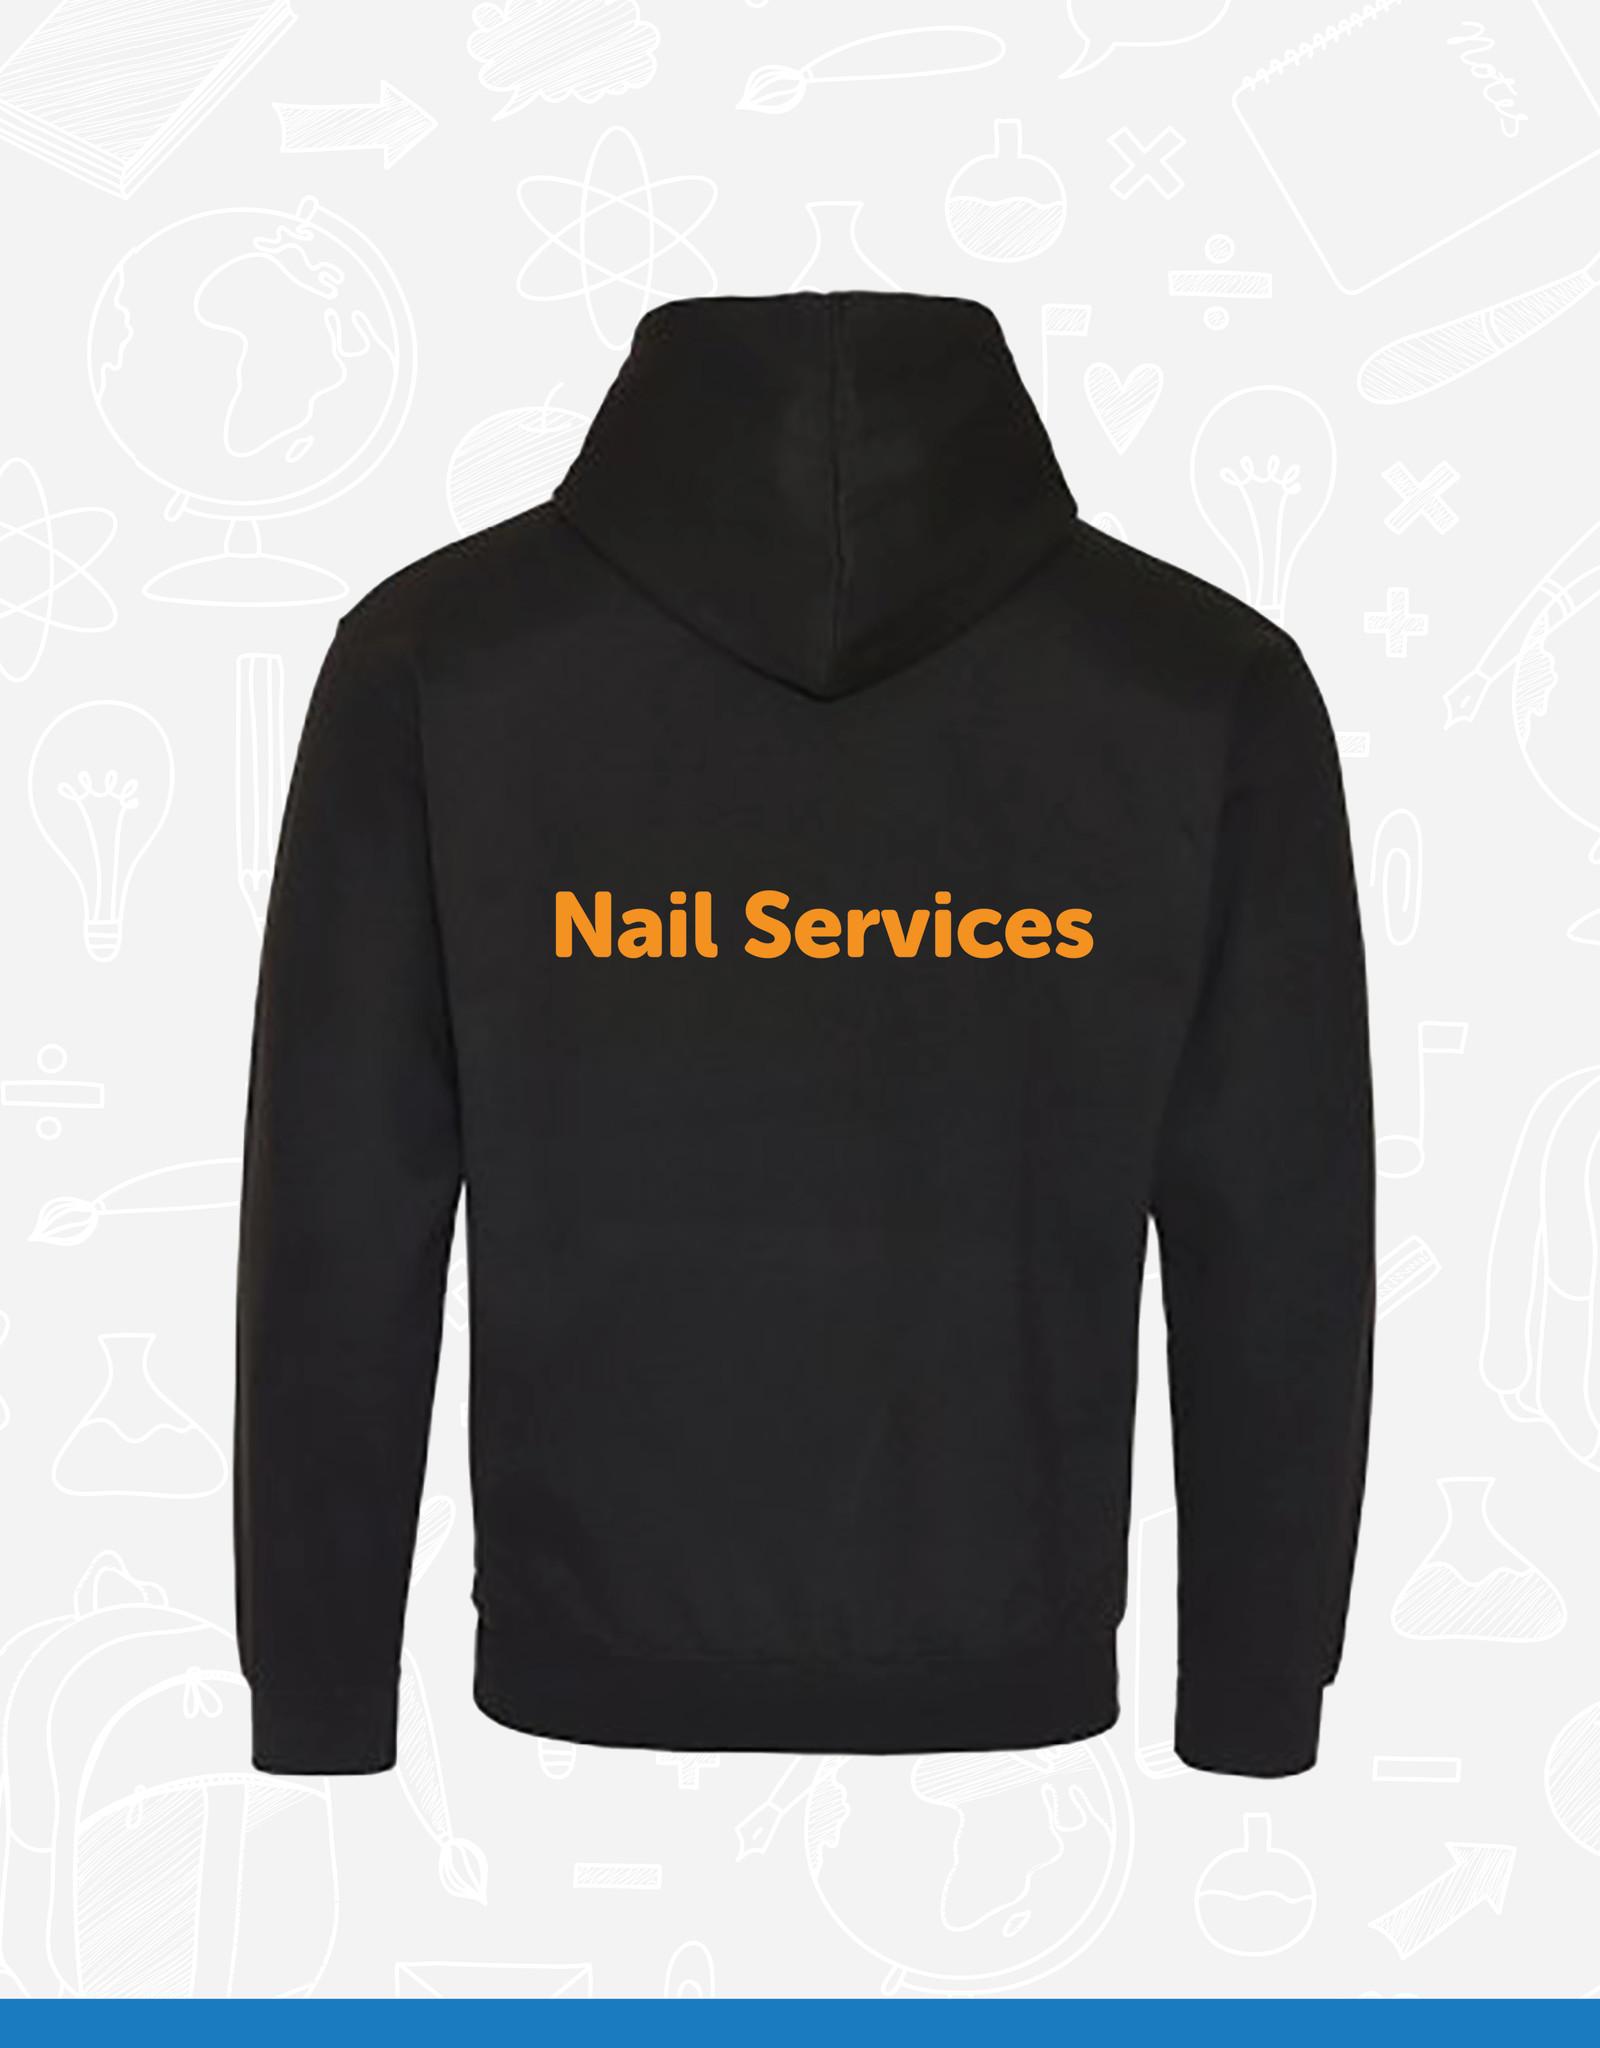 AWDis SERC Nail Services (JH003)